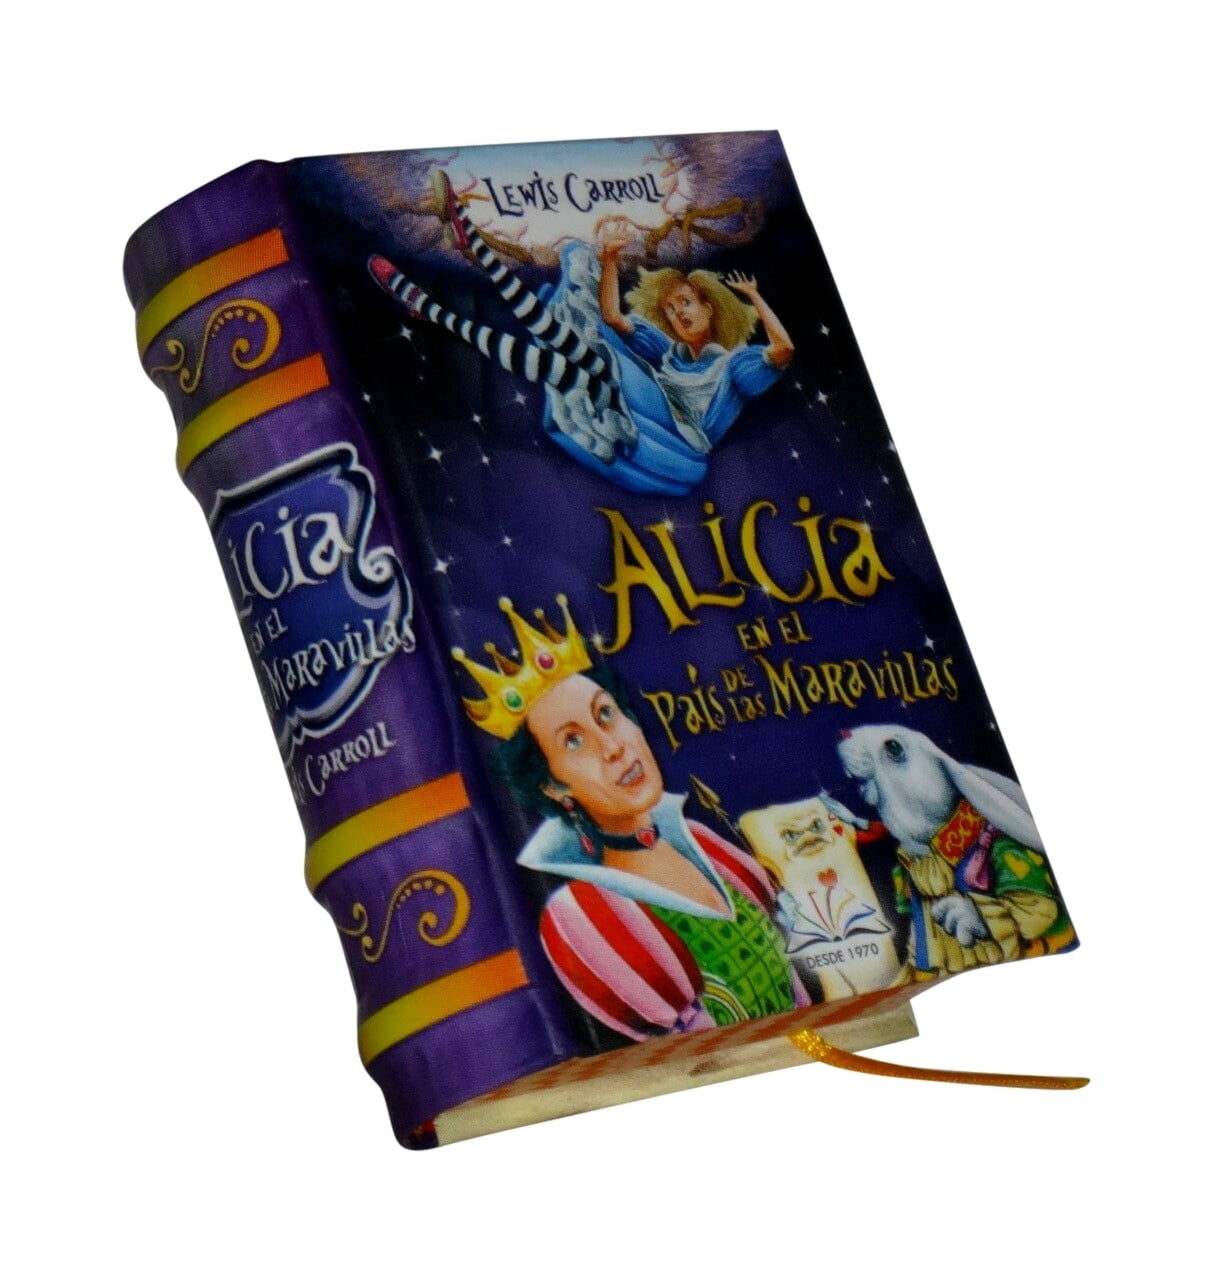 alicia_pais-maravillas-miniature-book-libro